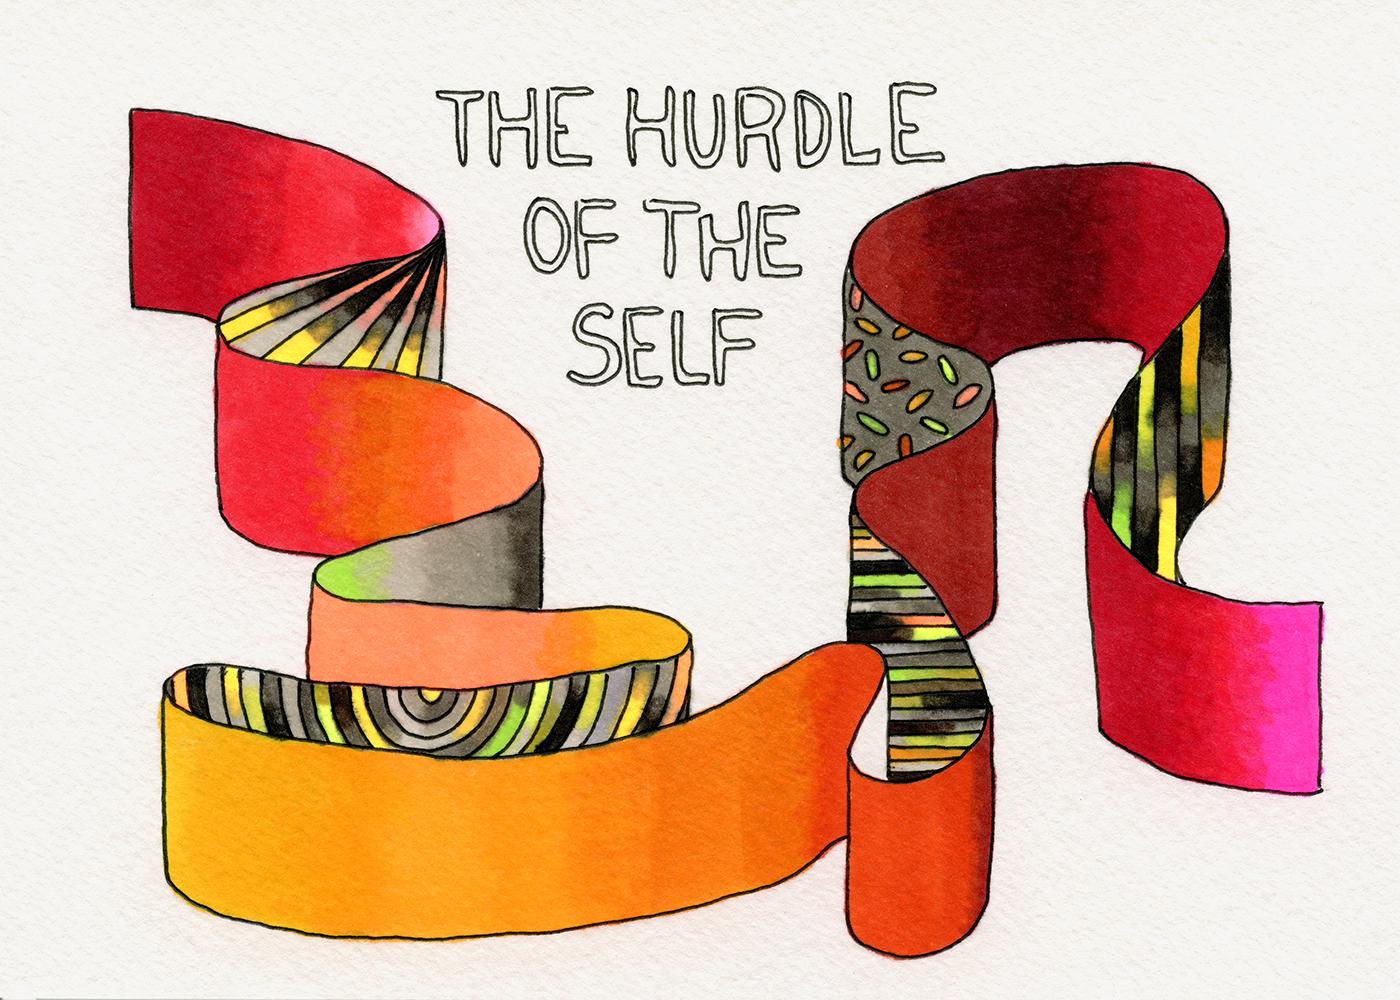 23_hurdle_of_the_self.jpg